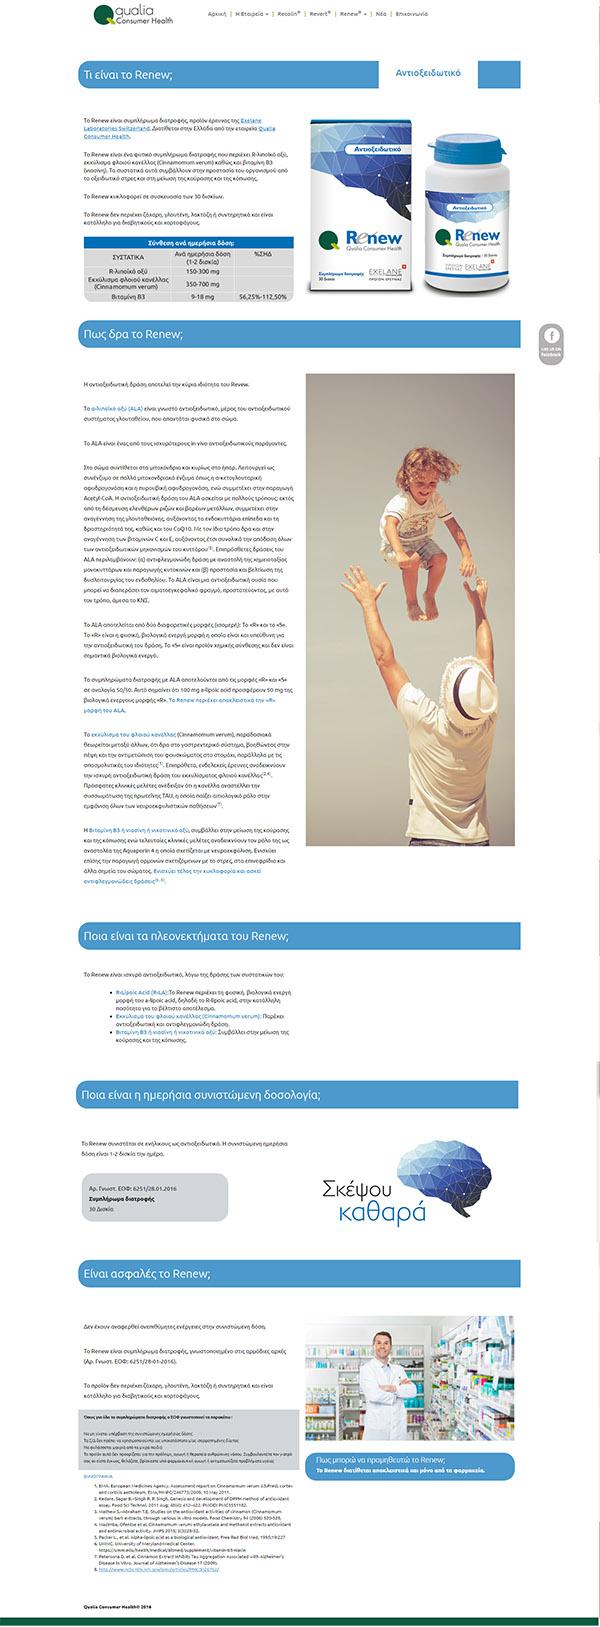 qualia consumer health renew